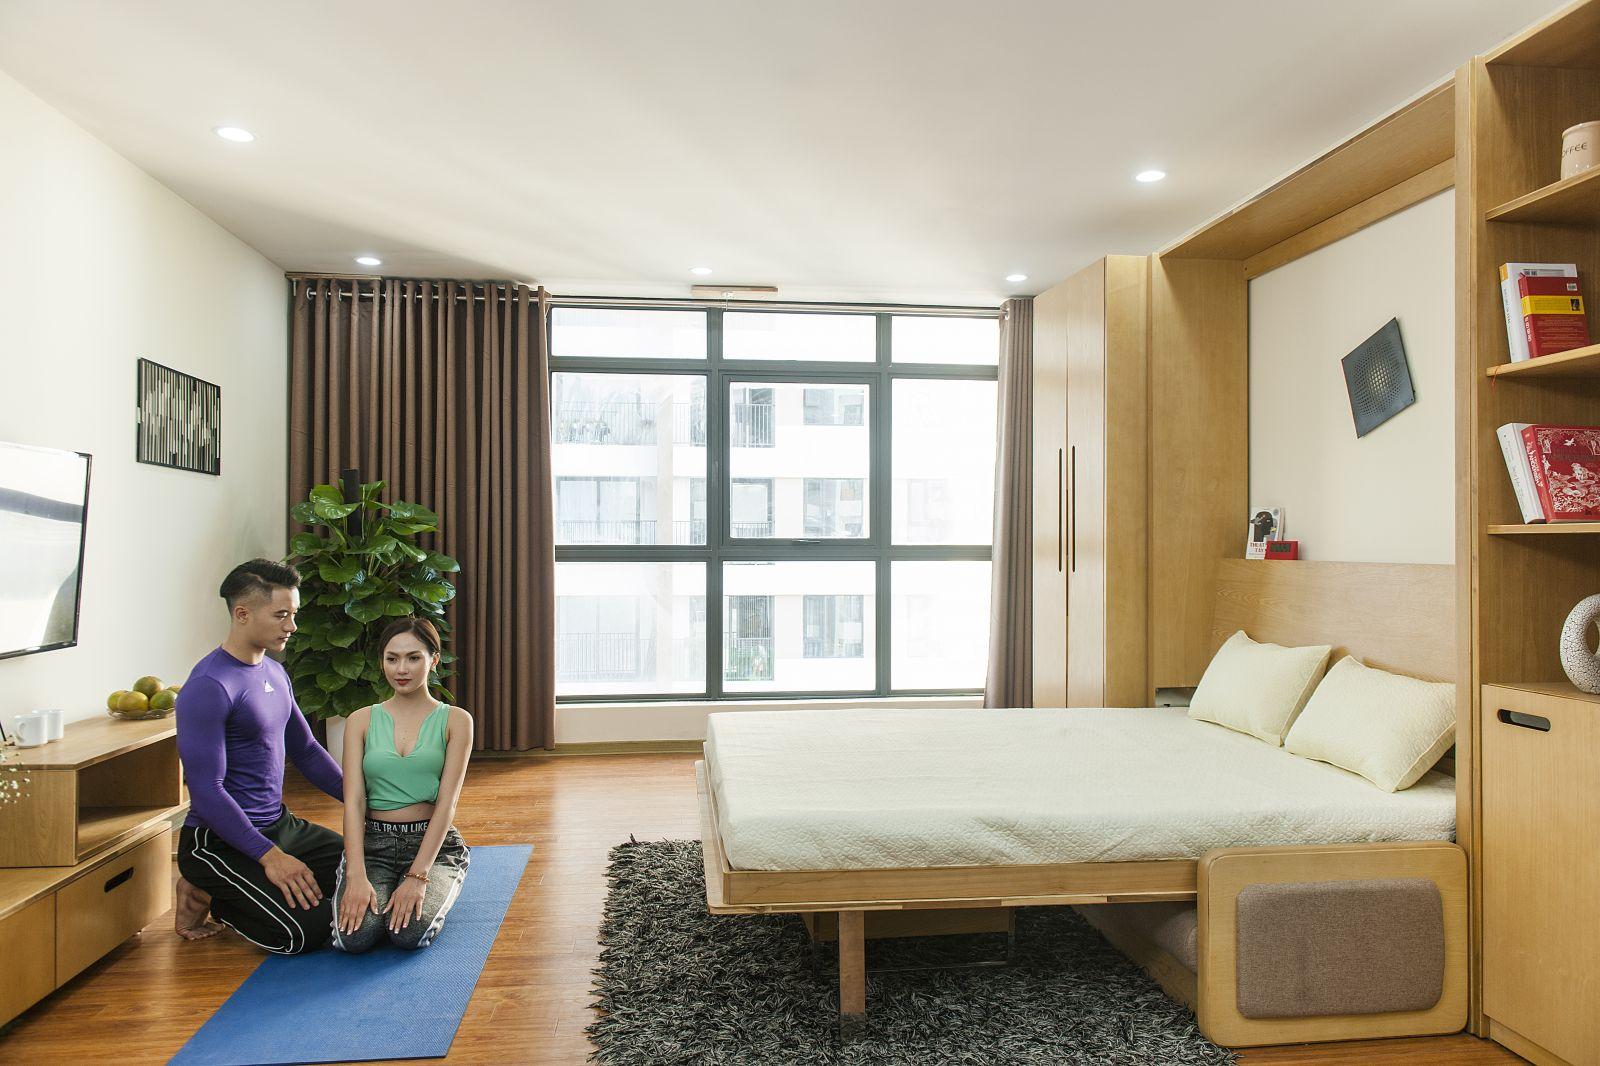 Các sản phẩm nội thất thông minh phải có khả năng biến đổi linh hoạt không gian, có nhiều chức năng để phục vụ hơn một nhu cầu trong sinh hoạt.